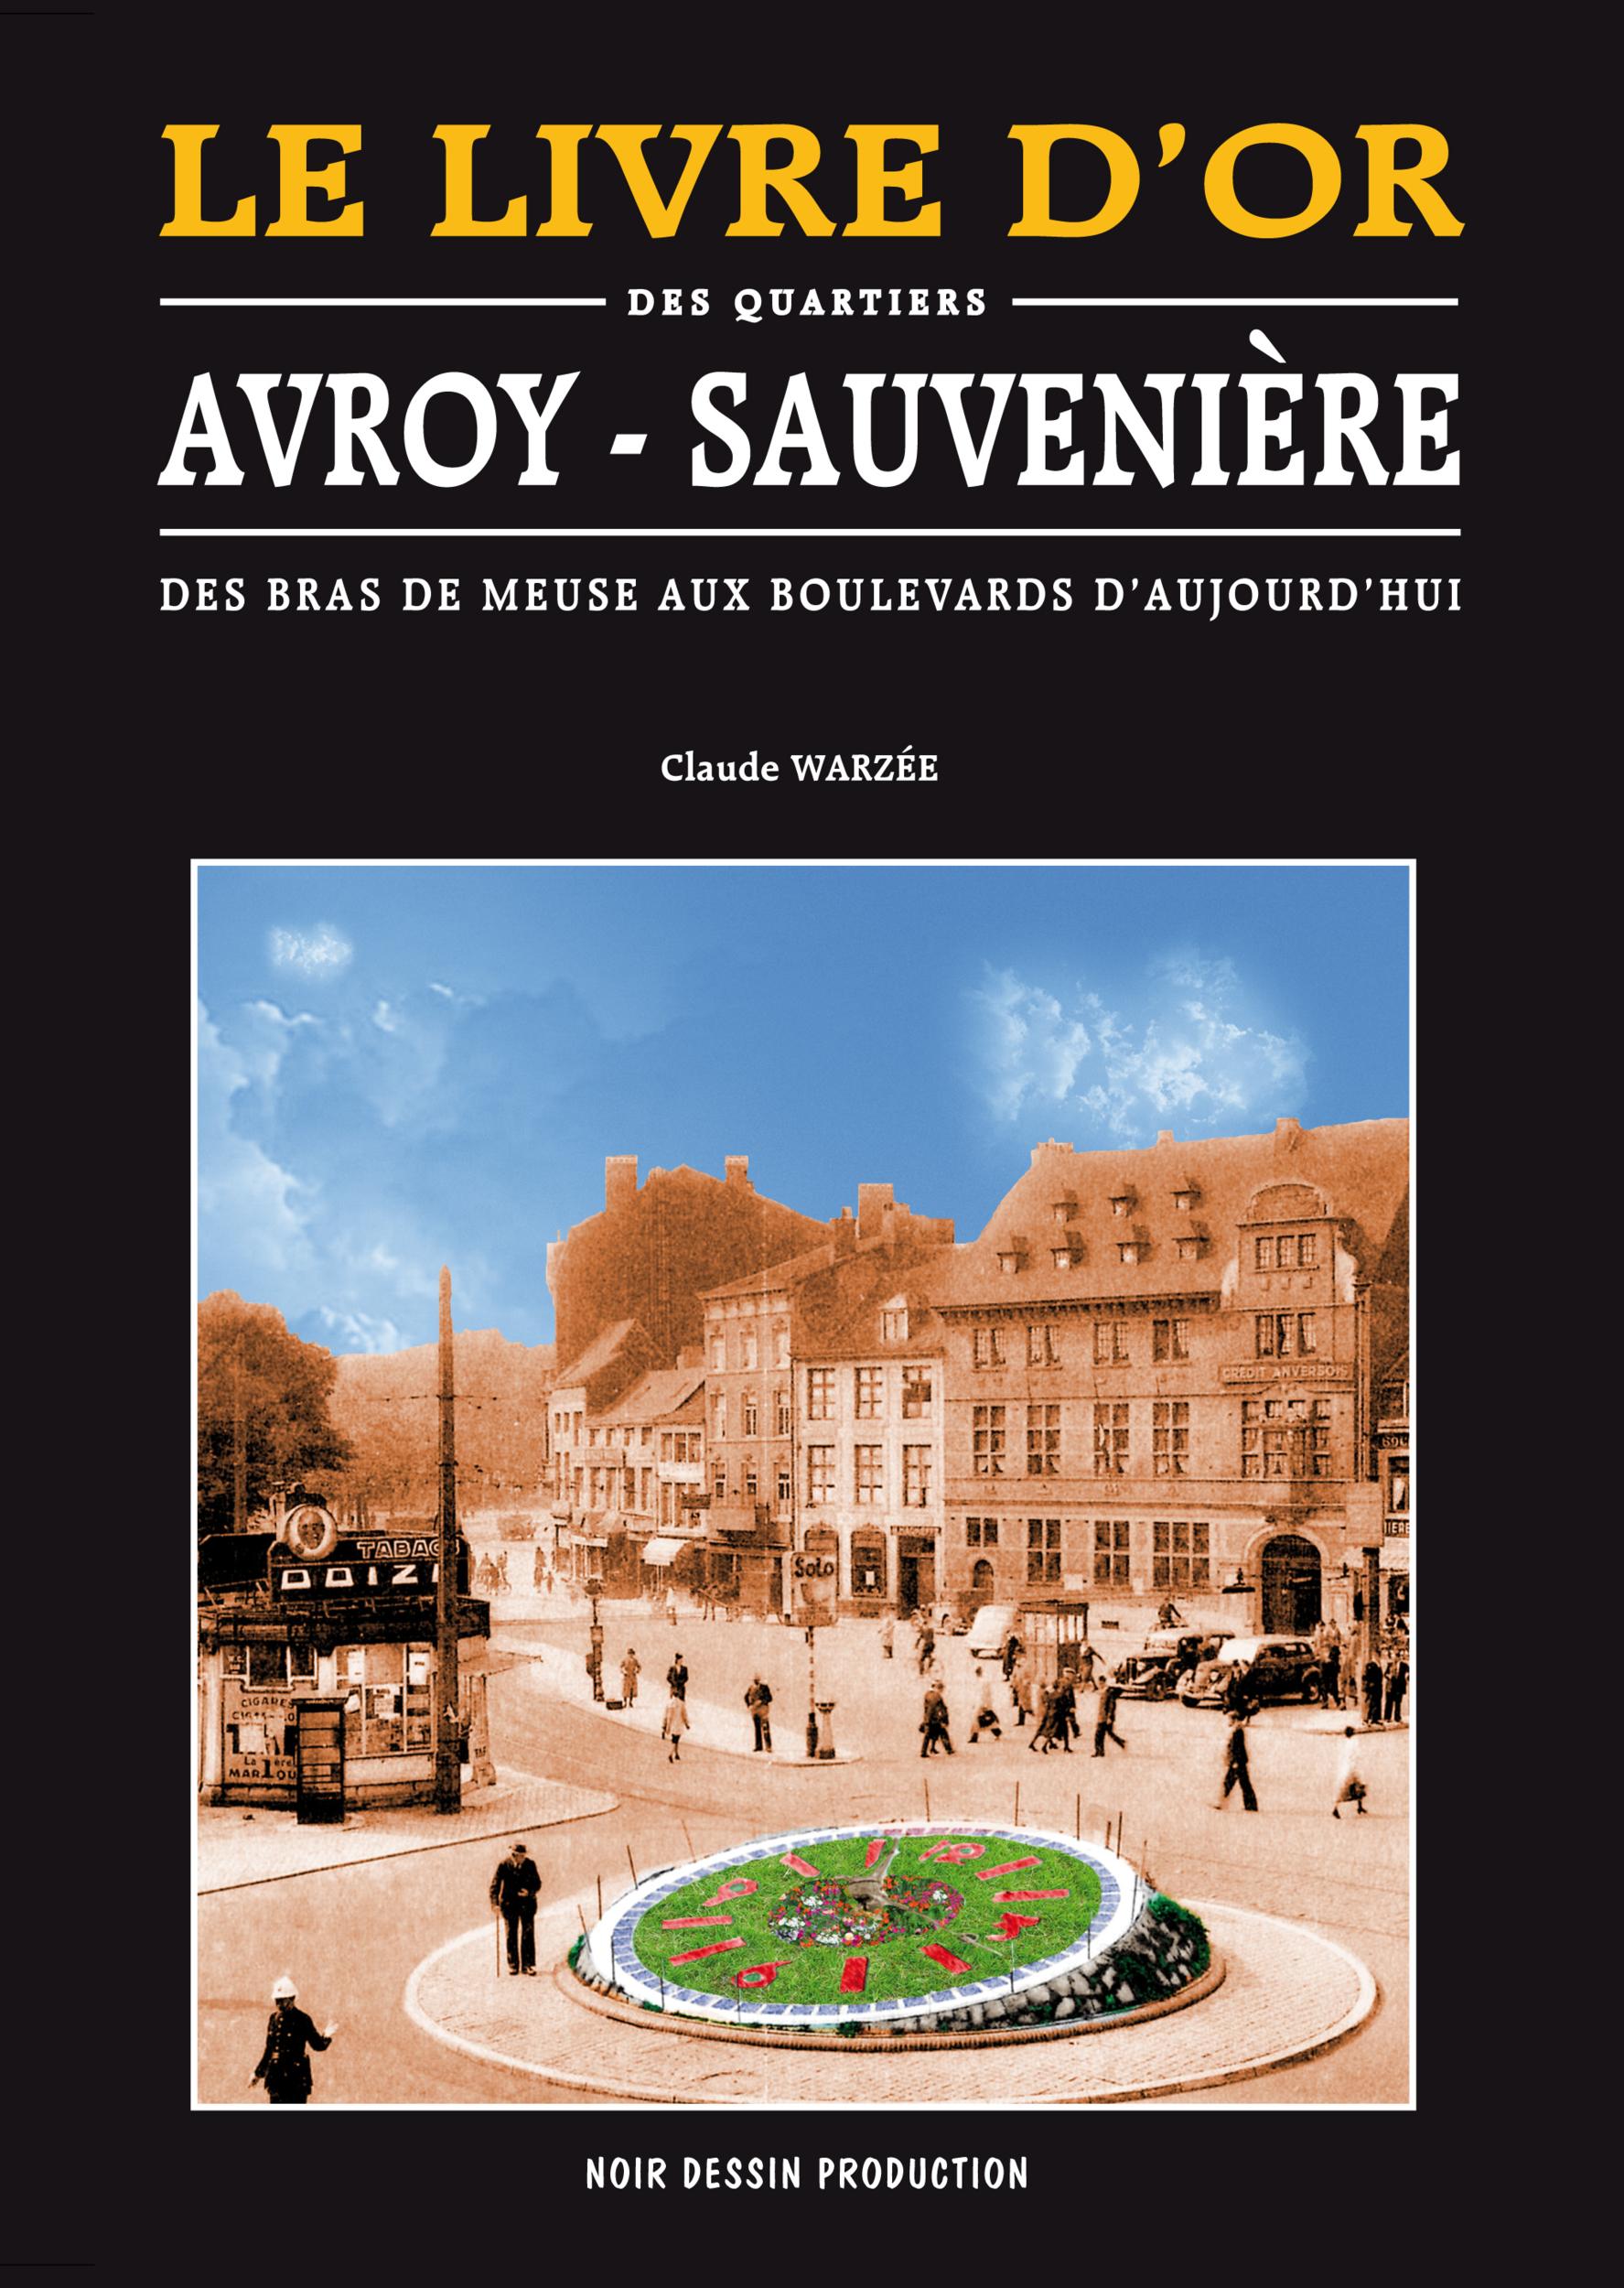 avroy-sauvenière cover GRAFICO